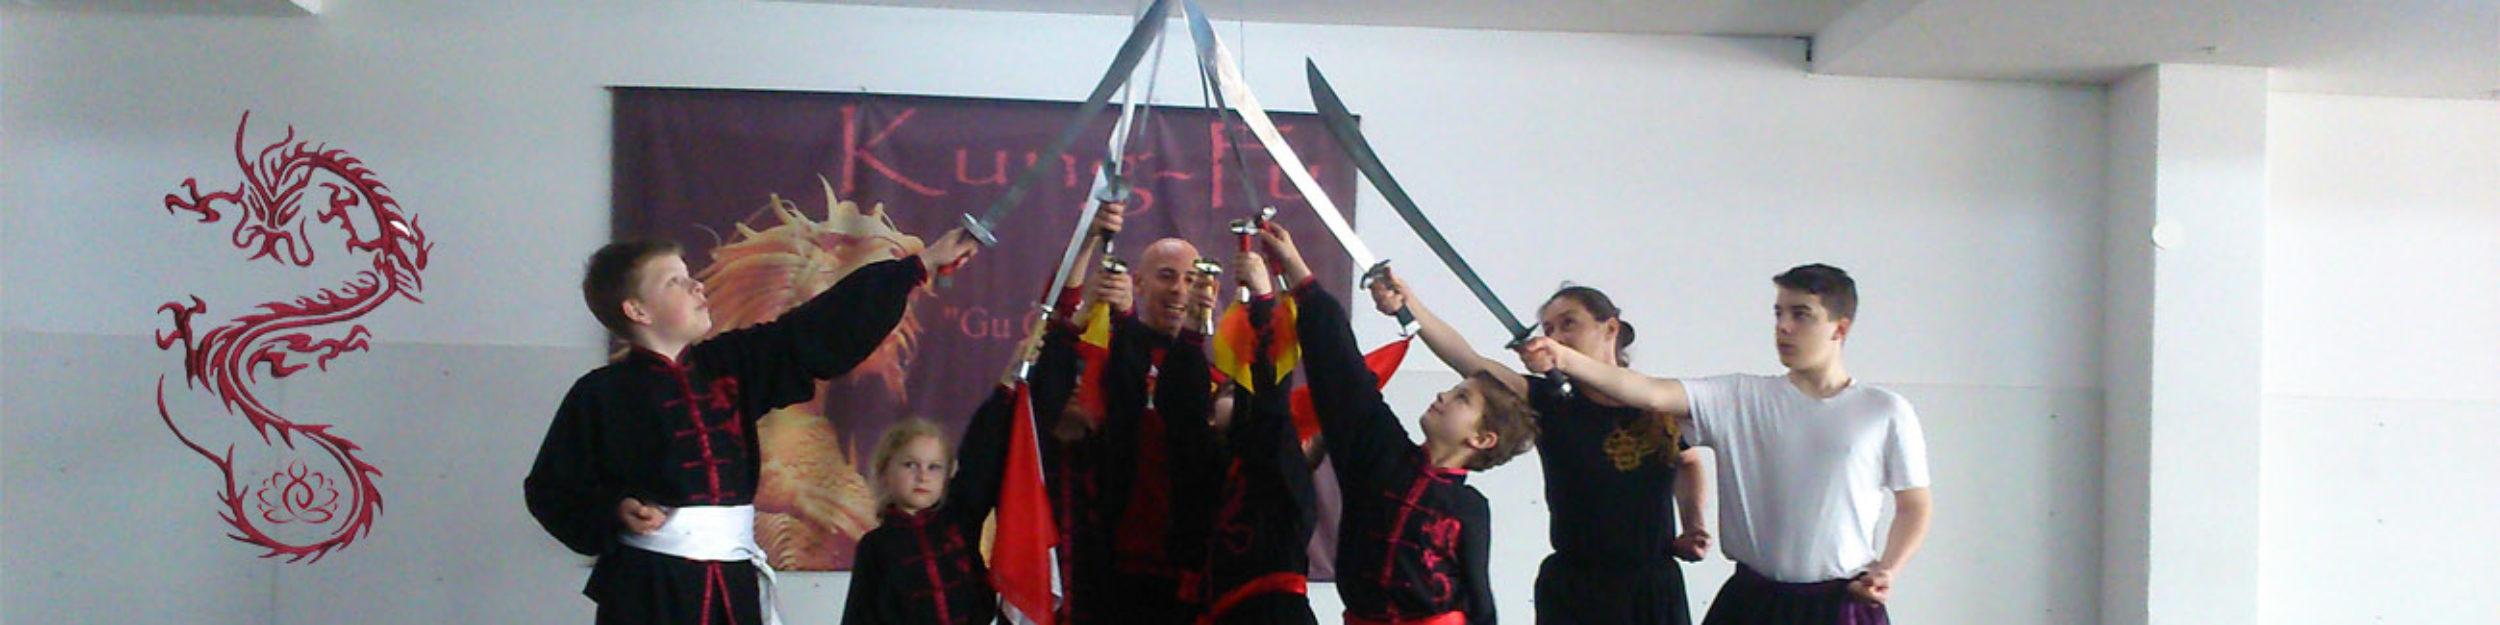 Dragon & Lotus – Kung fu School -Venlo